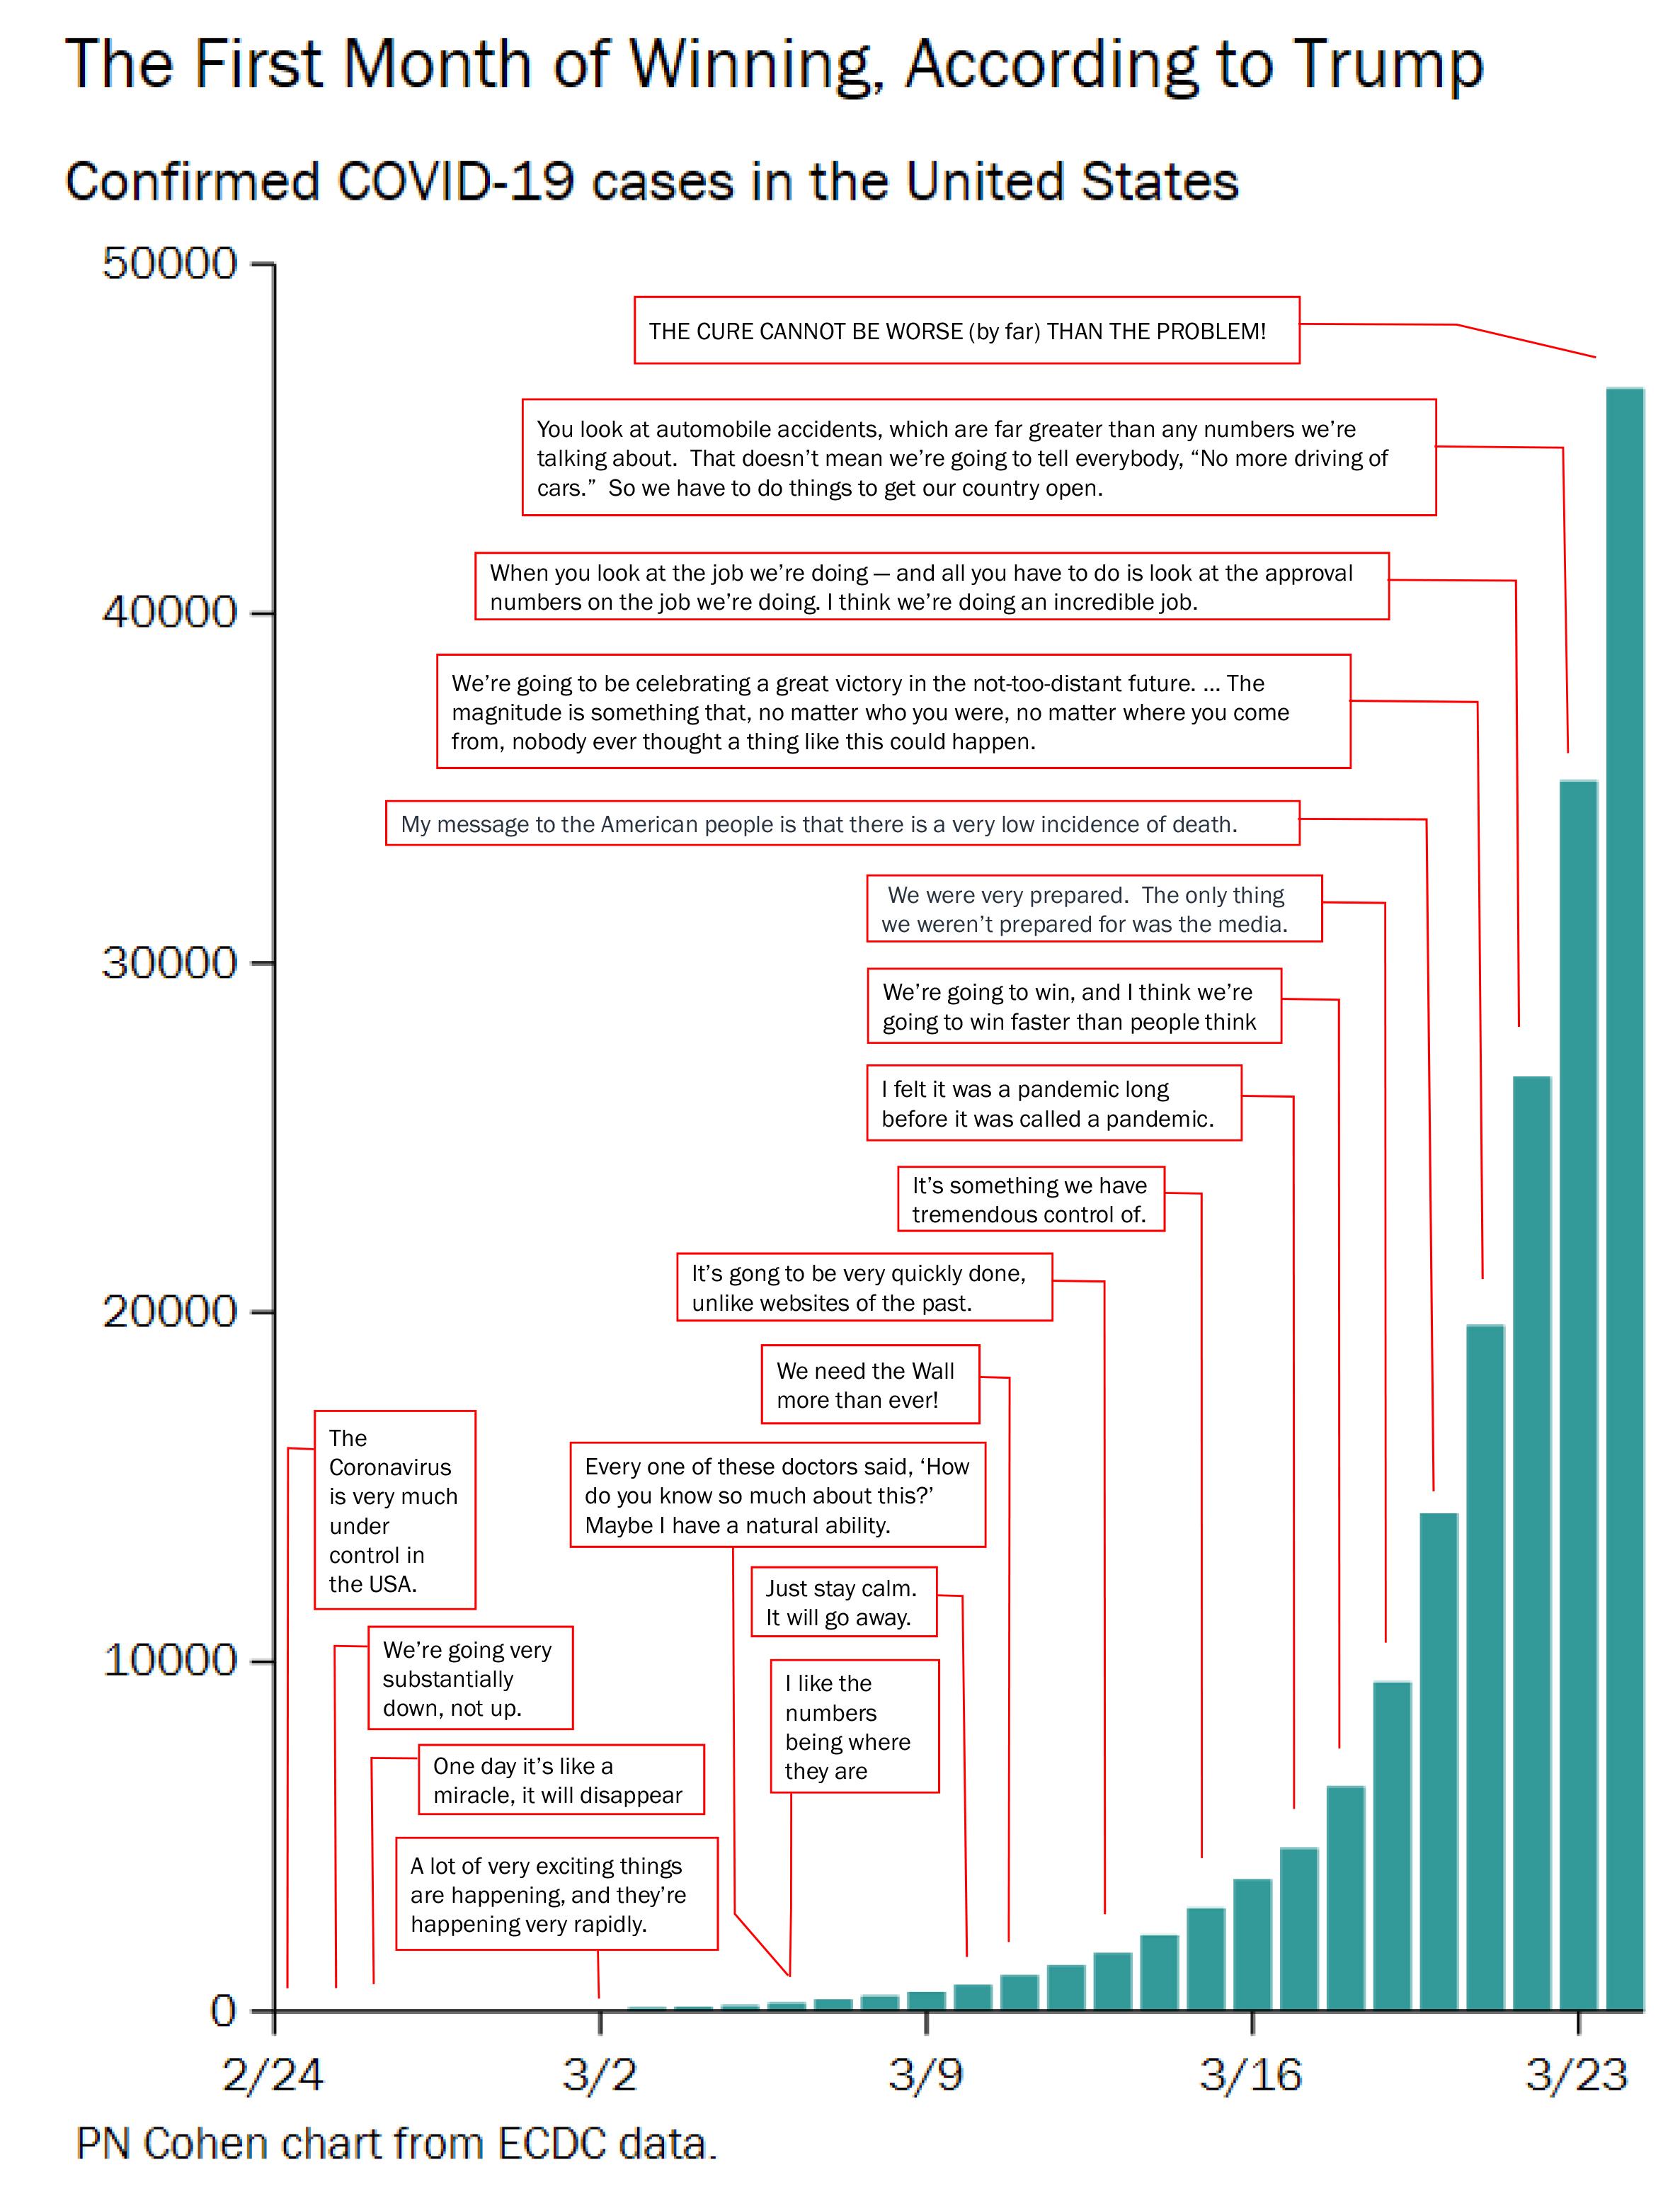 Microsoft PowerPoint - first month of winning coronavirus.pptx